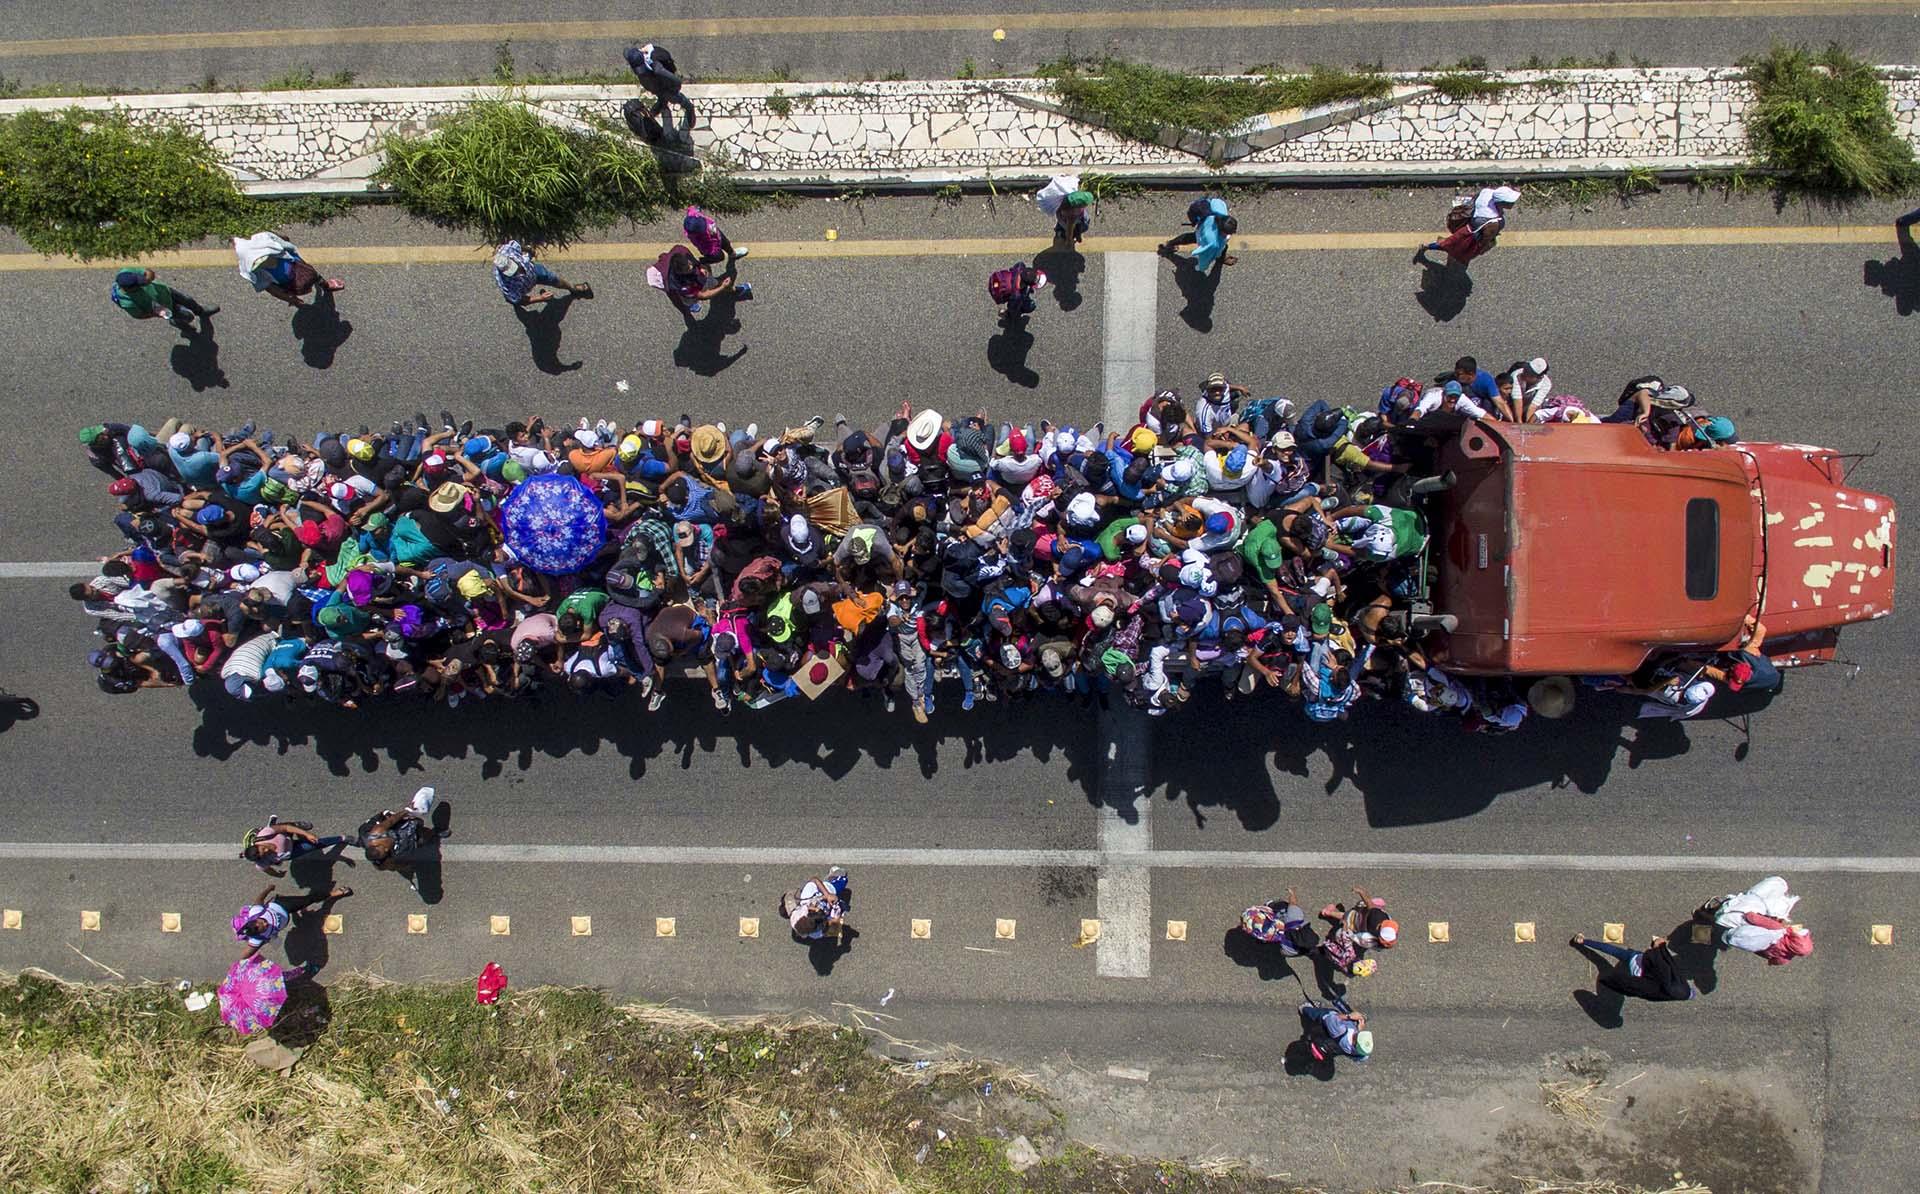 Vista aérea de los migrantes hondureños a bordo de un camión mientras participan en una caravana que se dirige a los Estados Unidos, en las afueras de Tapachula, en su camino a Huixtla, en el estado mexicano de Chiapas, el 22 de octubre